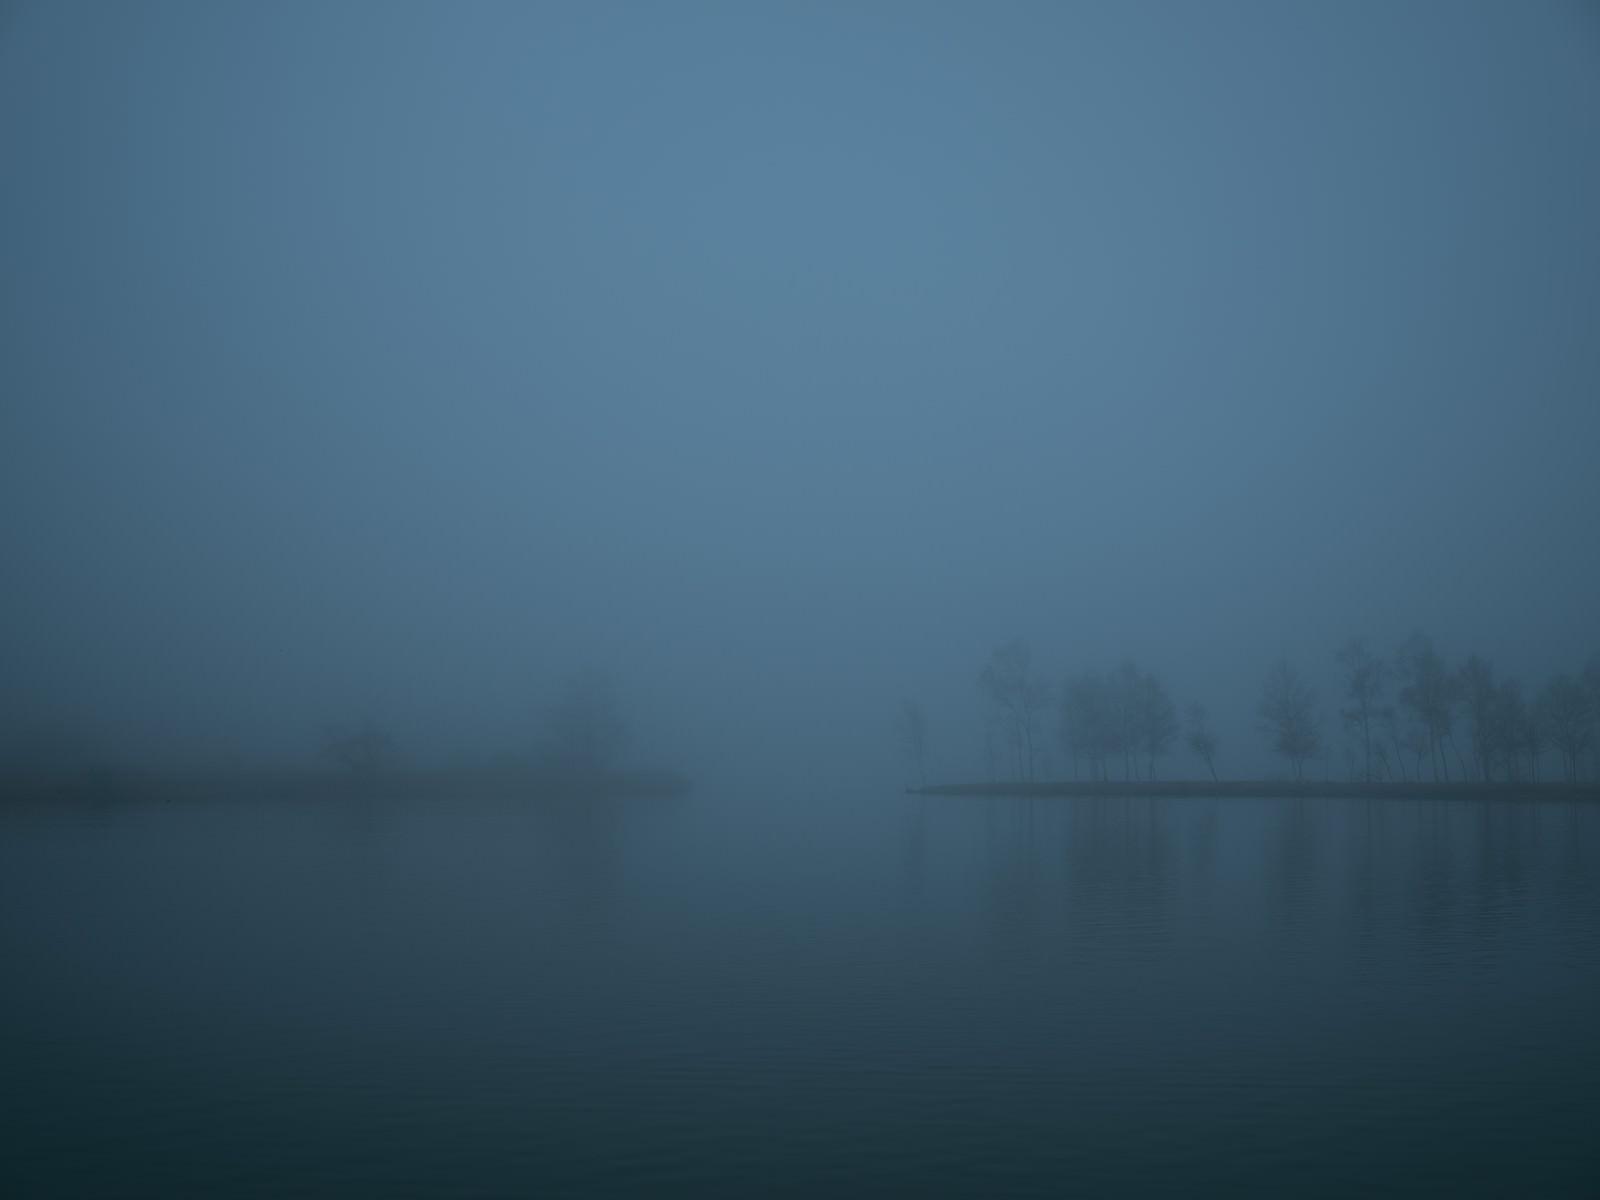 「Nuit et brouillard」の写真